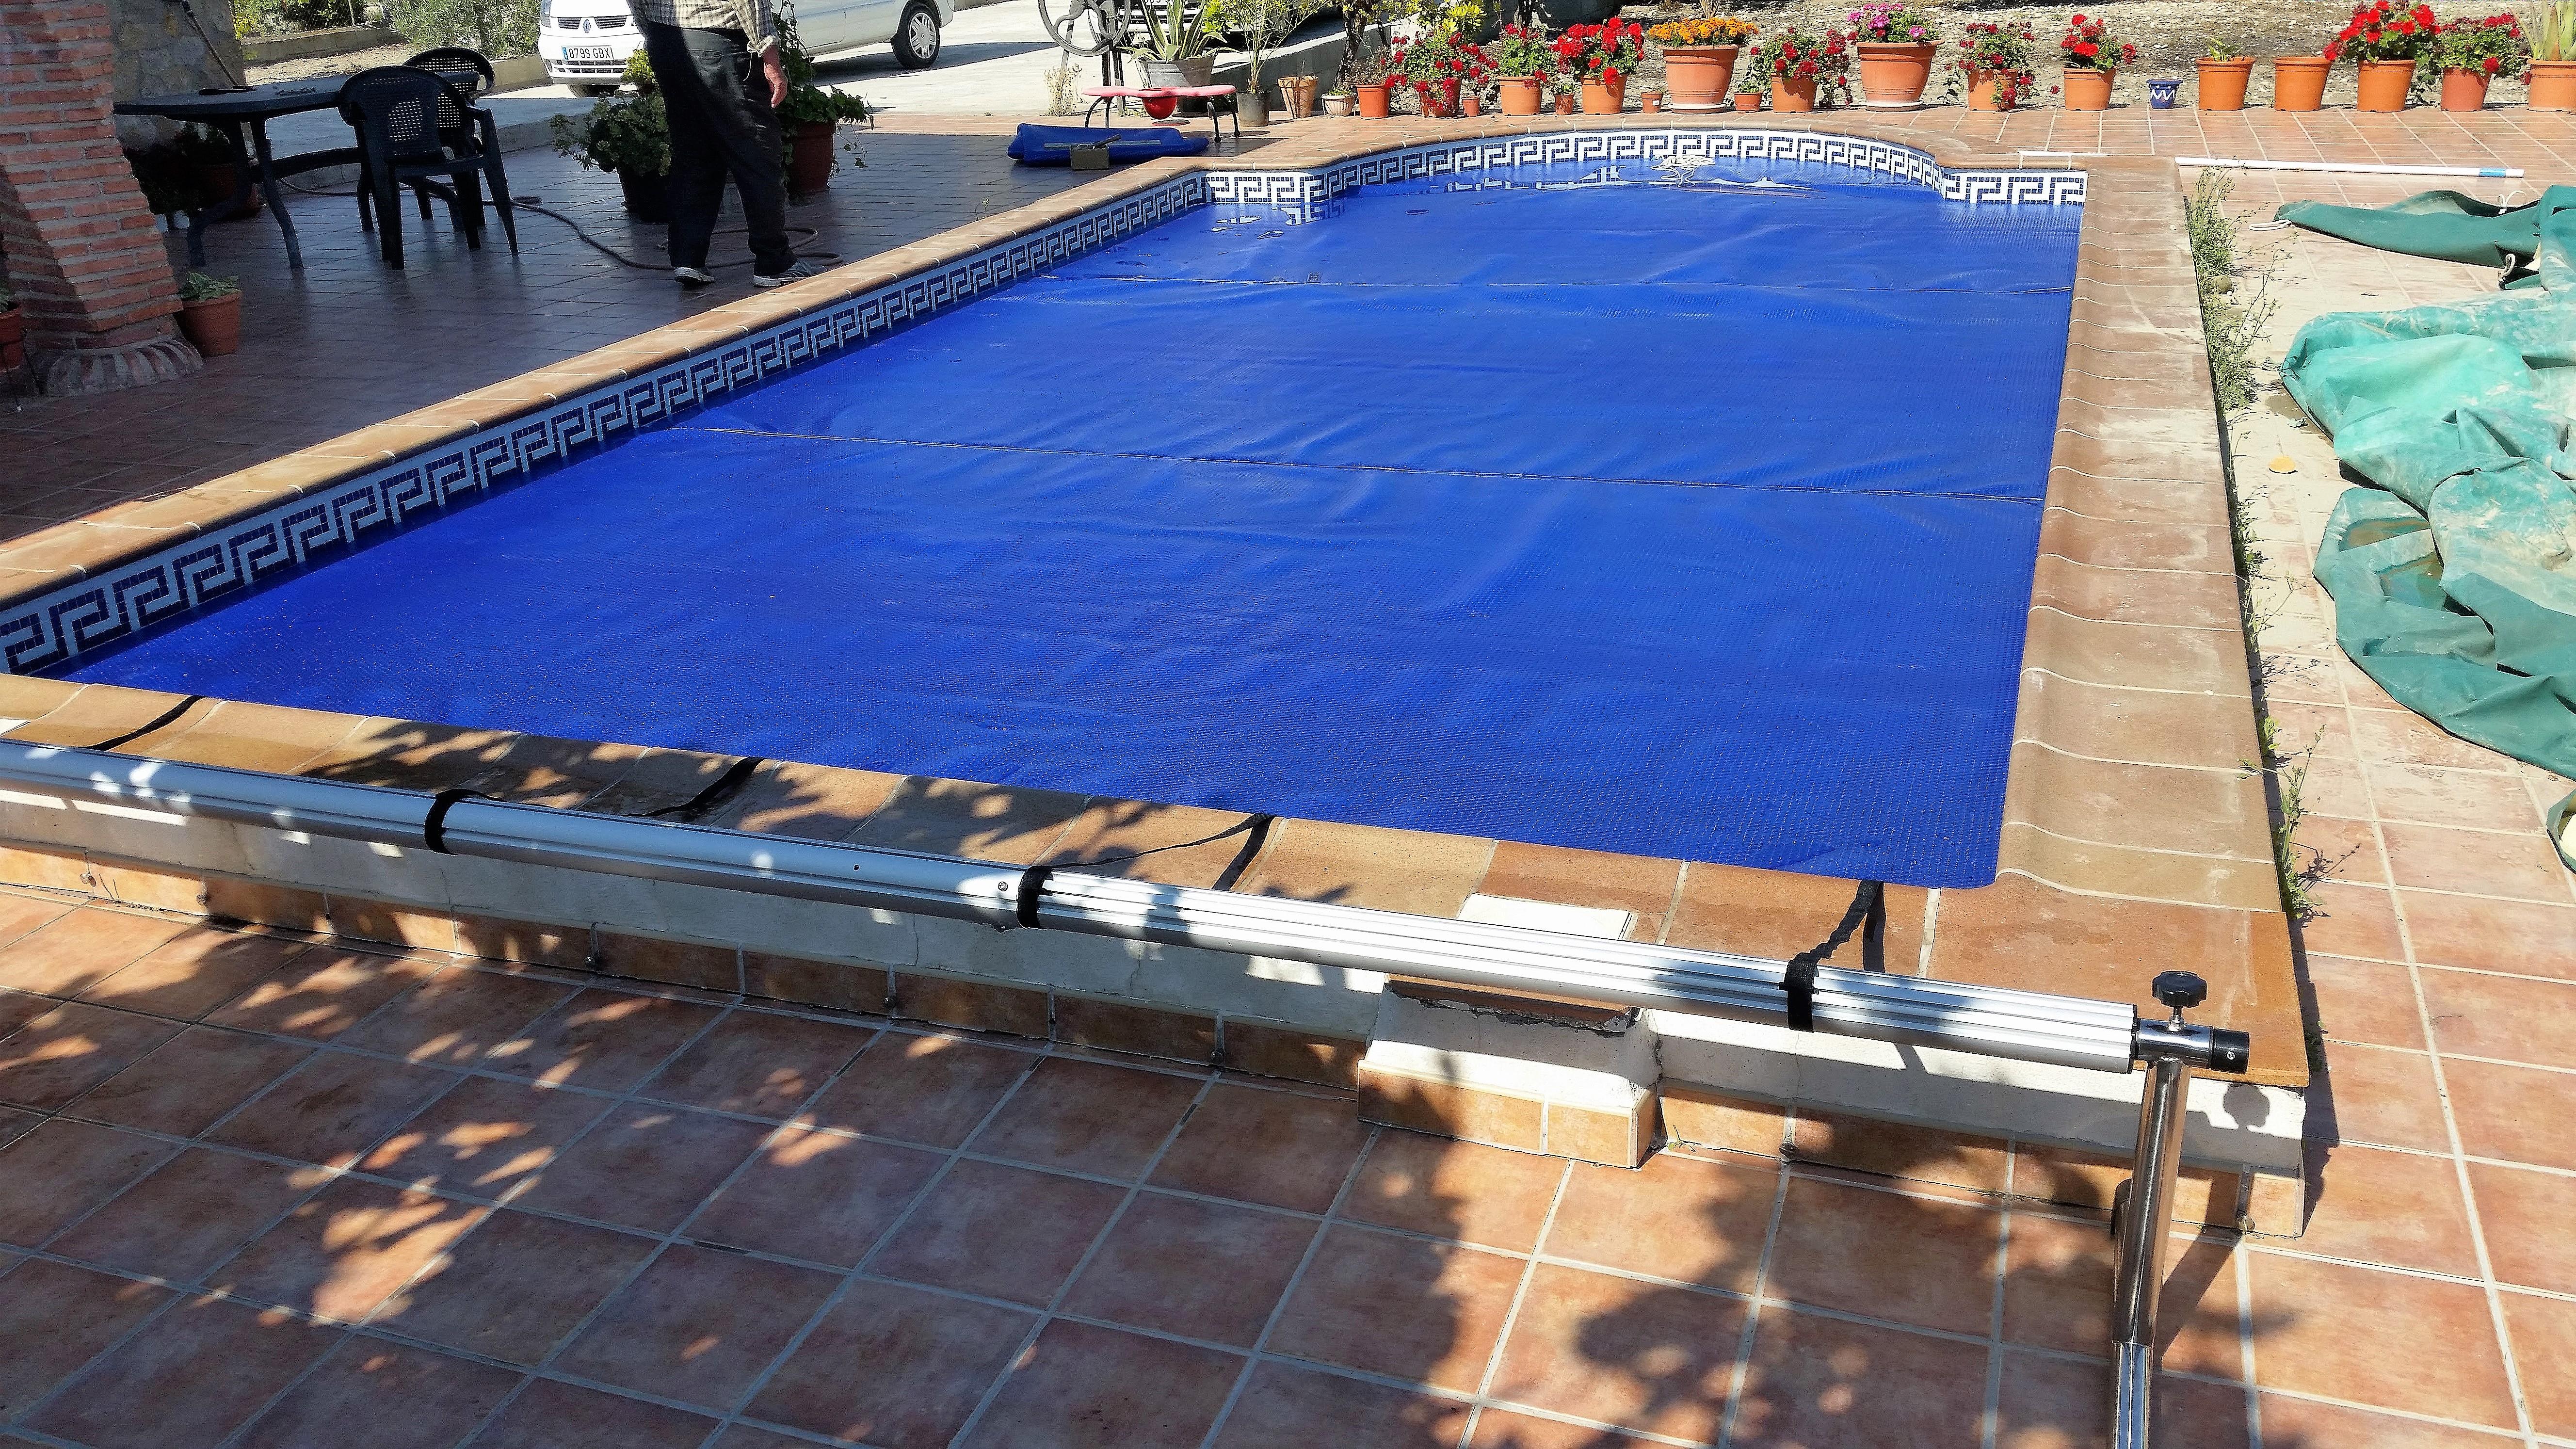 Mantas t rmicas para piscinas aire del mediterr neo - Mantas termicas para piscinas ...